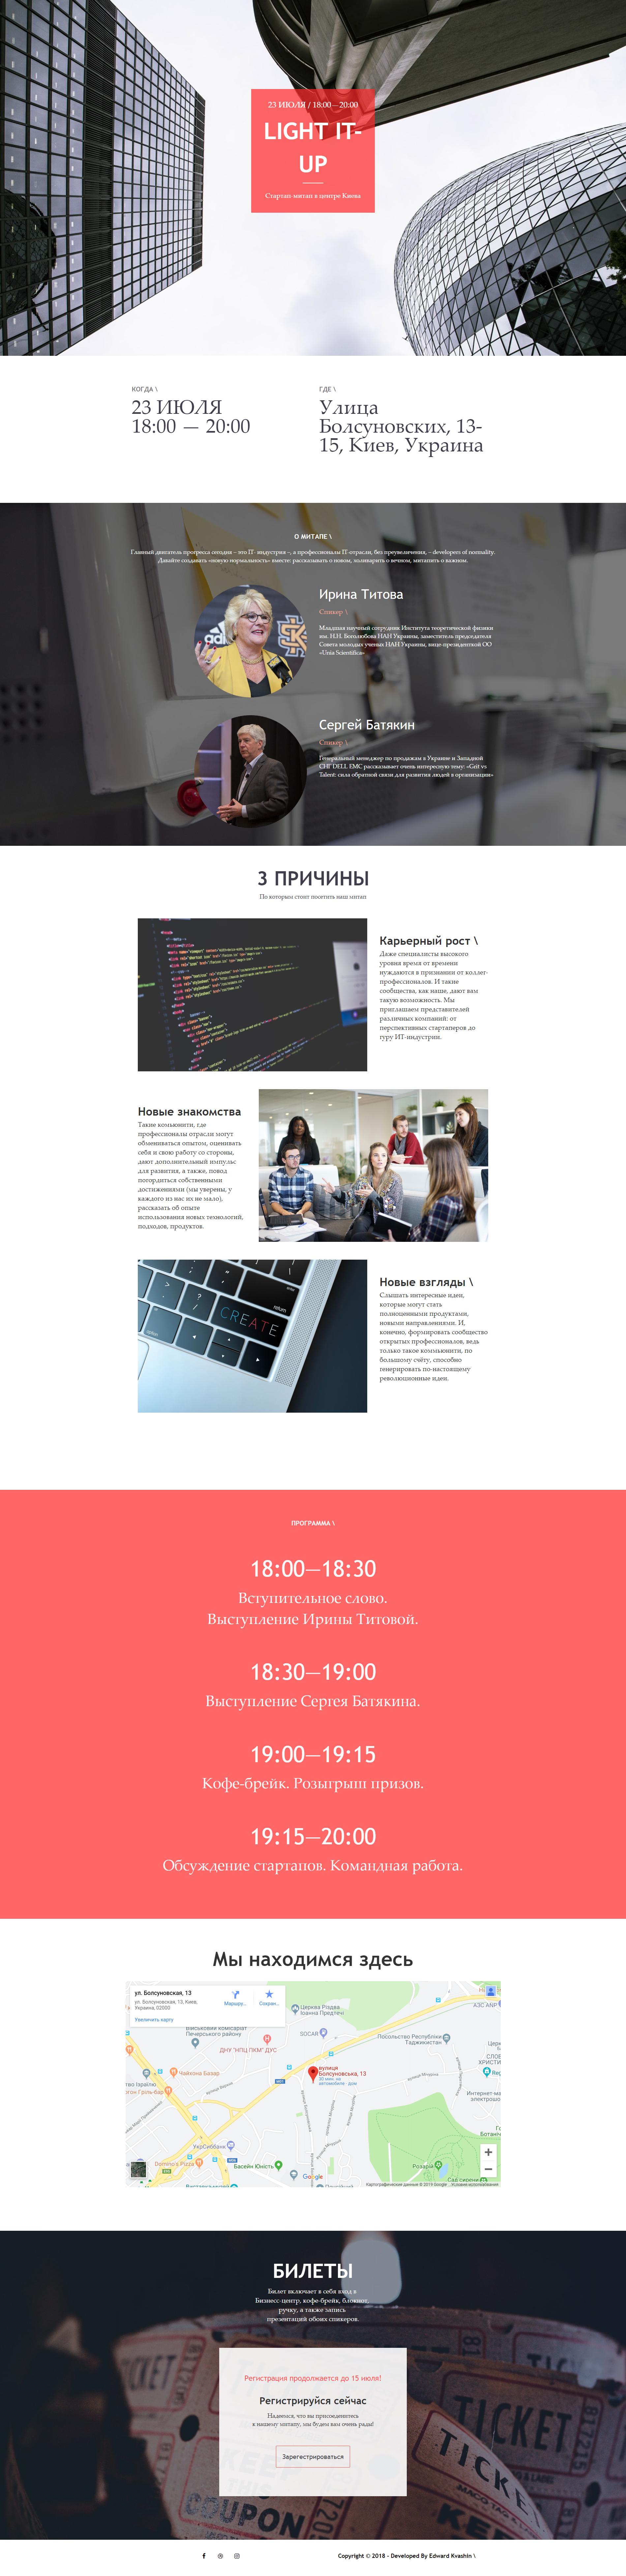 Фото Landing-Page | Light It Up Задание: Разработать Landing-Page для мероприятия в Киеве. Исполнение: предоставлено 3 макета, по итогам которого был выбран один избранный, доработка деталей в макете и переход к верстке. Затрачено времени: 2 дня на разработку дизайна и верстку сайта.